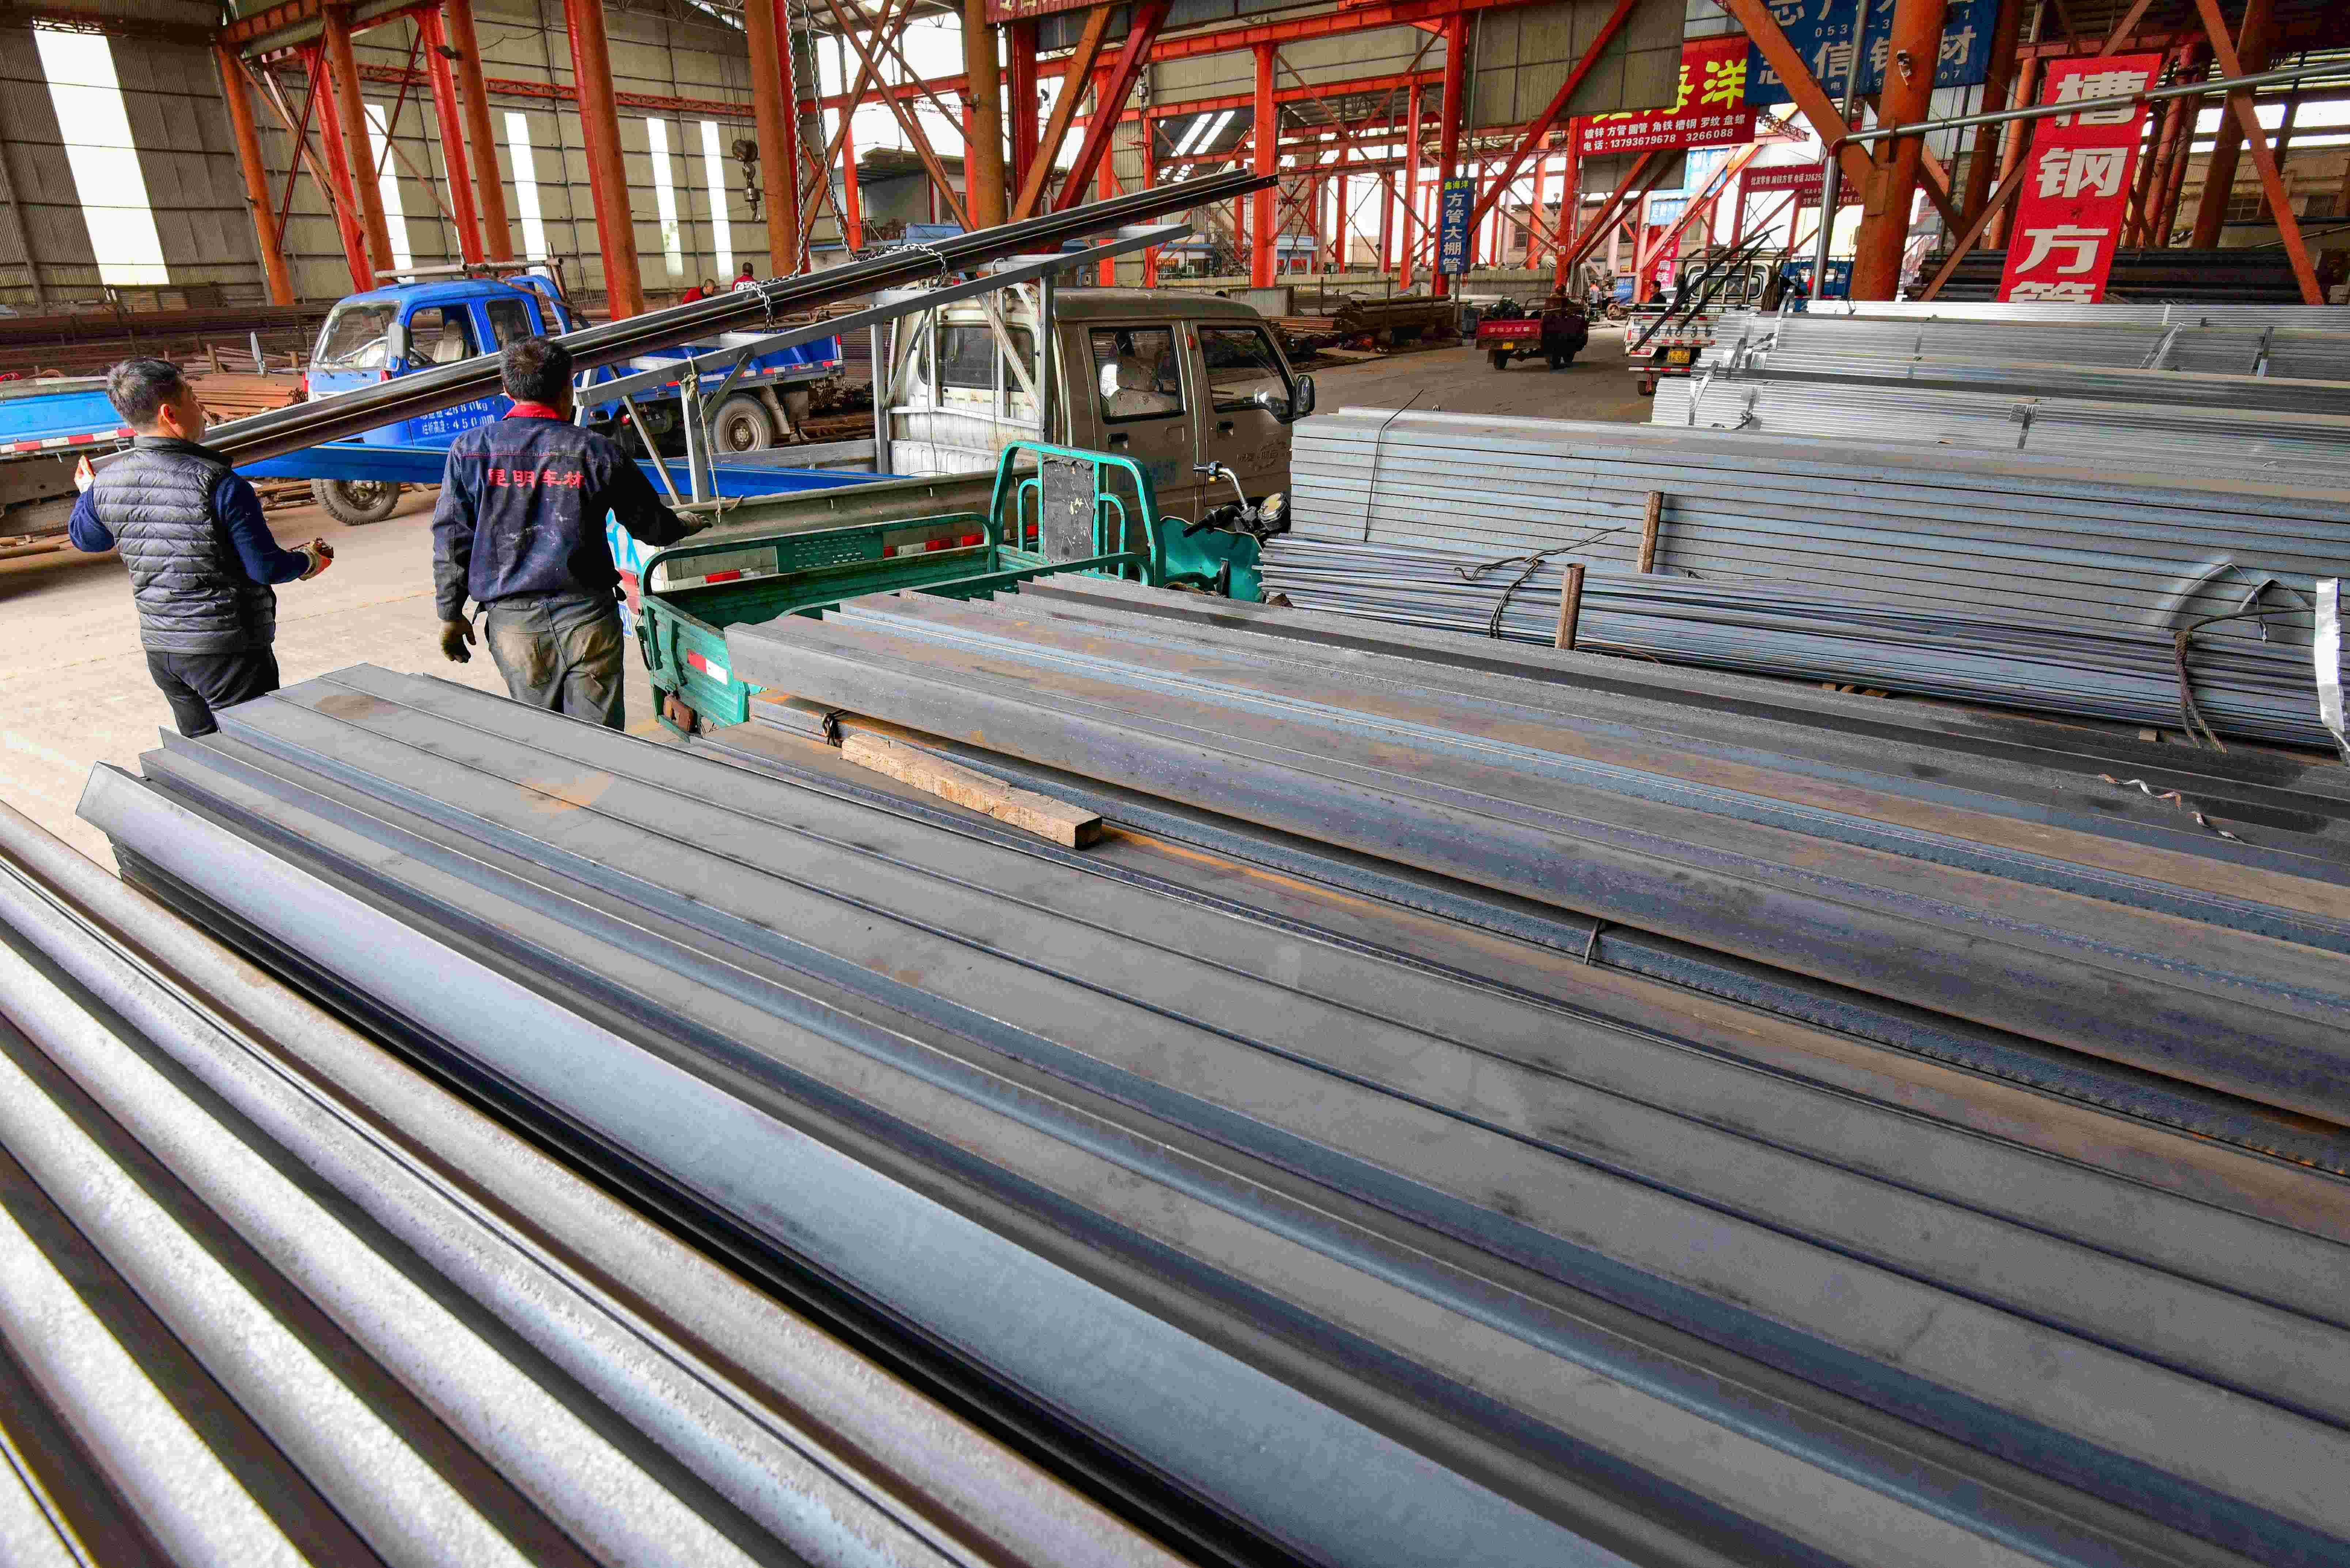 钢材价格停下暴涨脚步,各地严防钢企相互串通